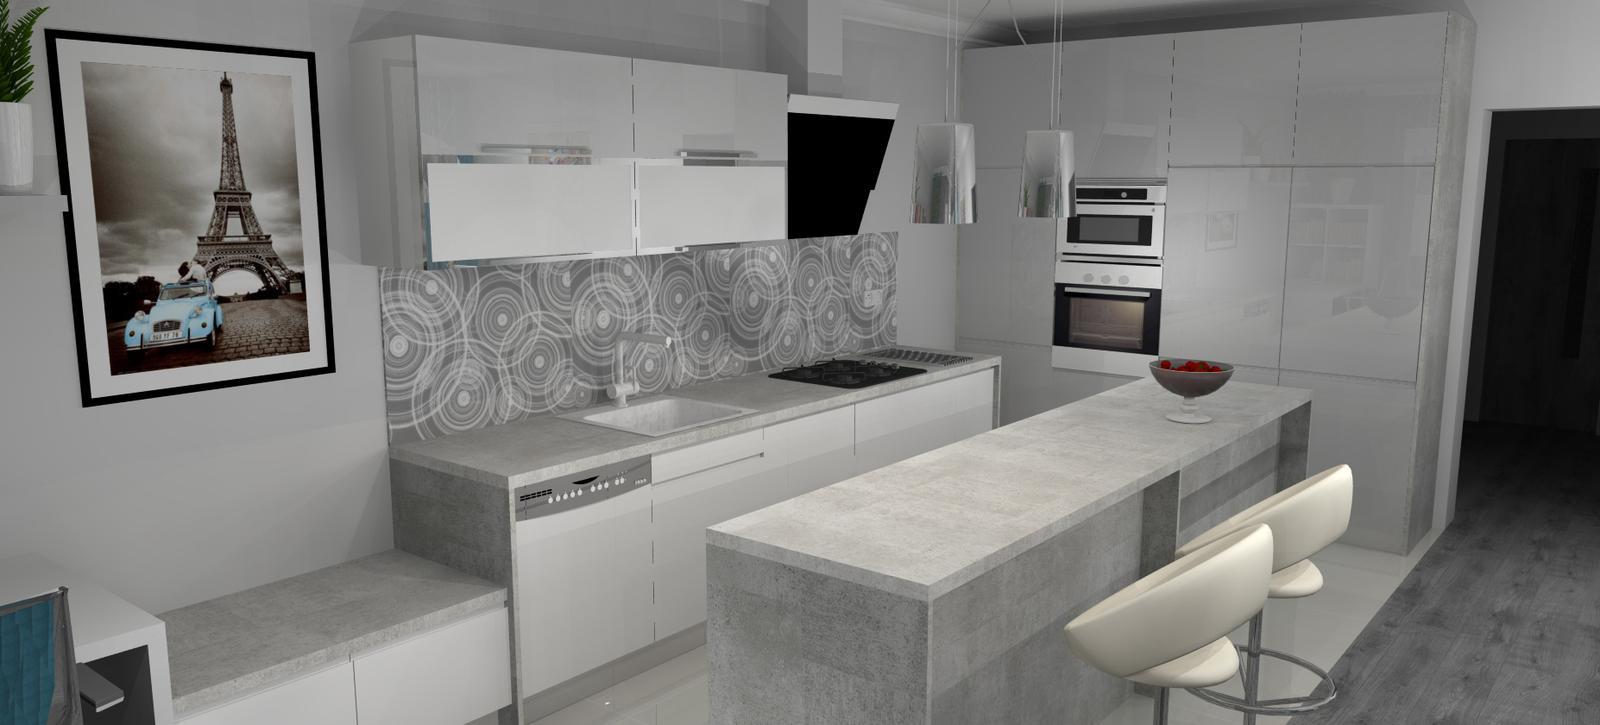 Vizky pre náš ešte nepostavený dom :-) - Pohľad zo sedačky na kuchyňu...(už viem, že takto to teda nebude)